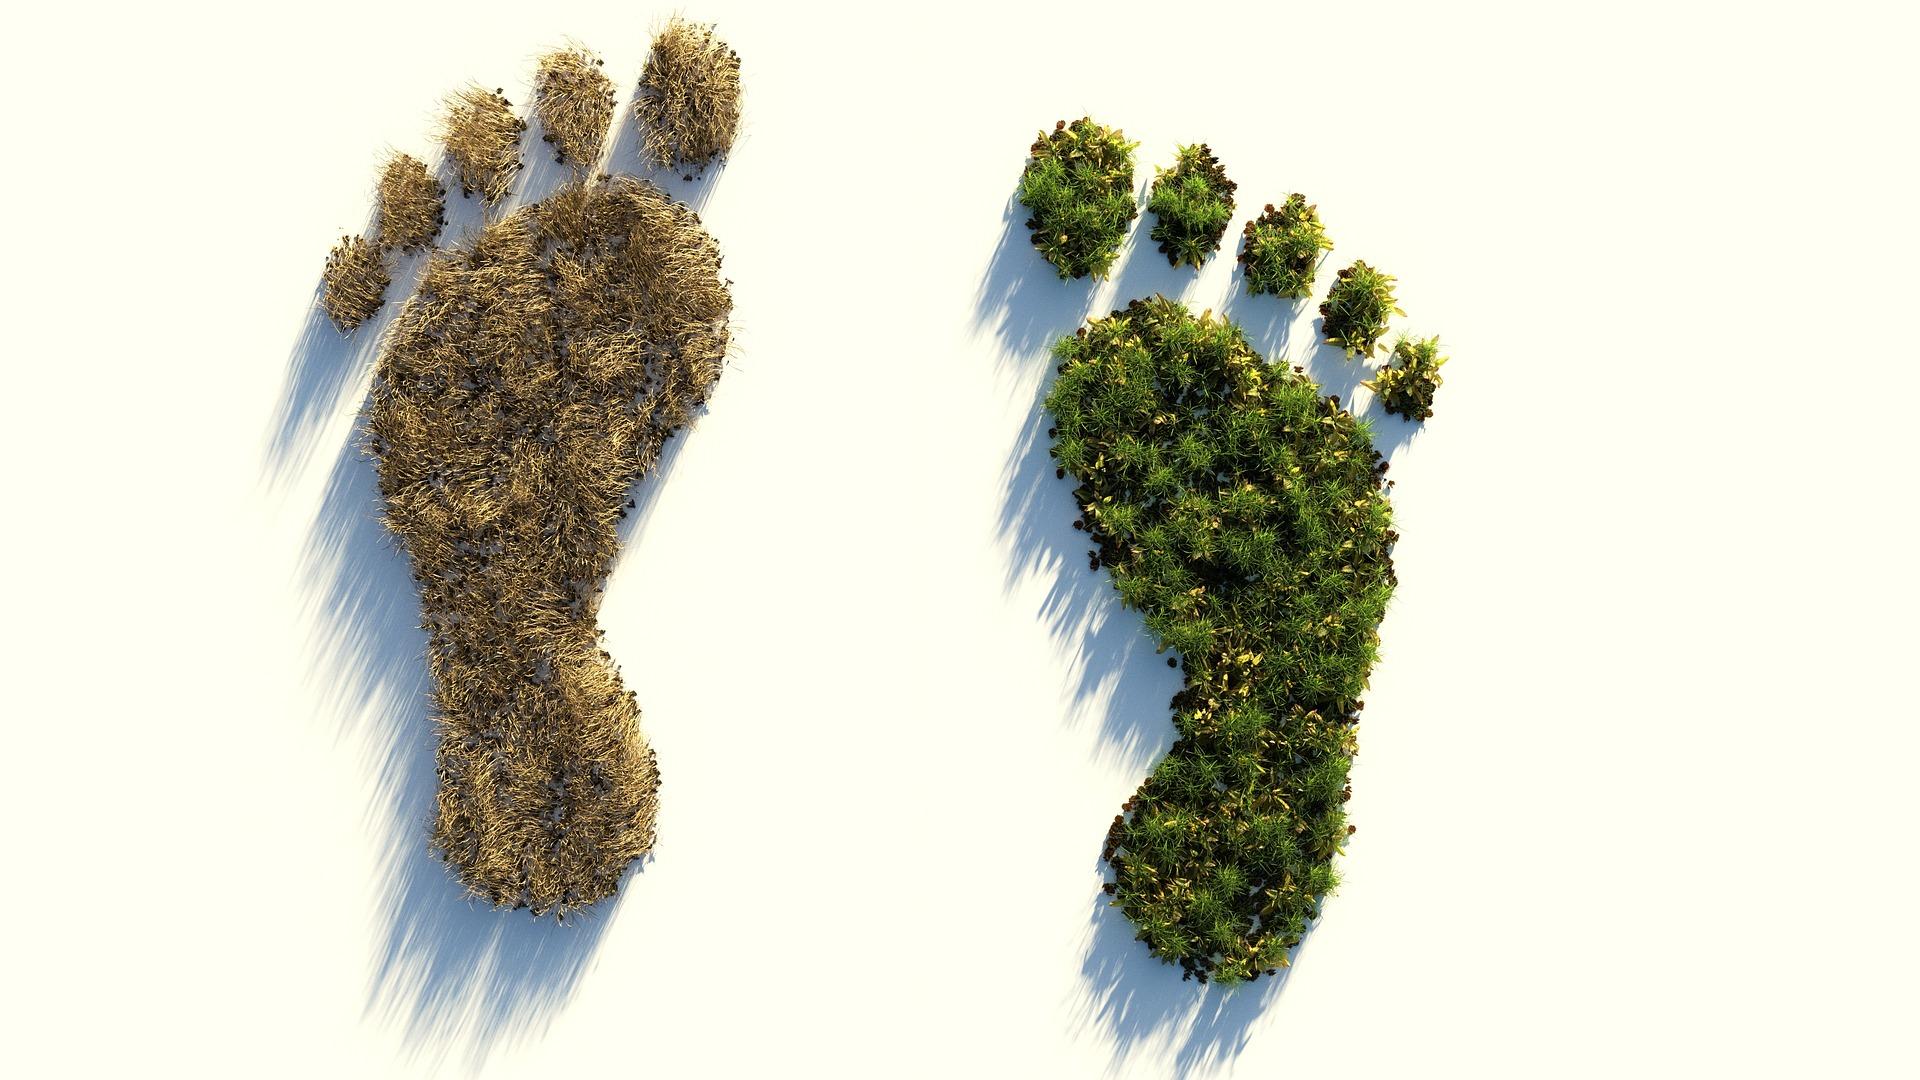 Nuestra aportación al Planeta